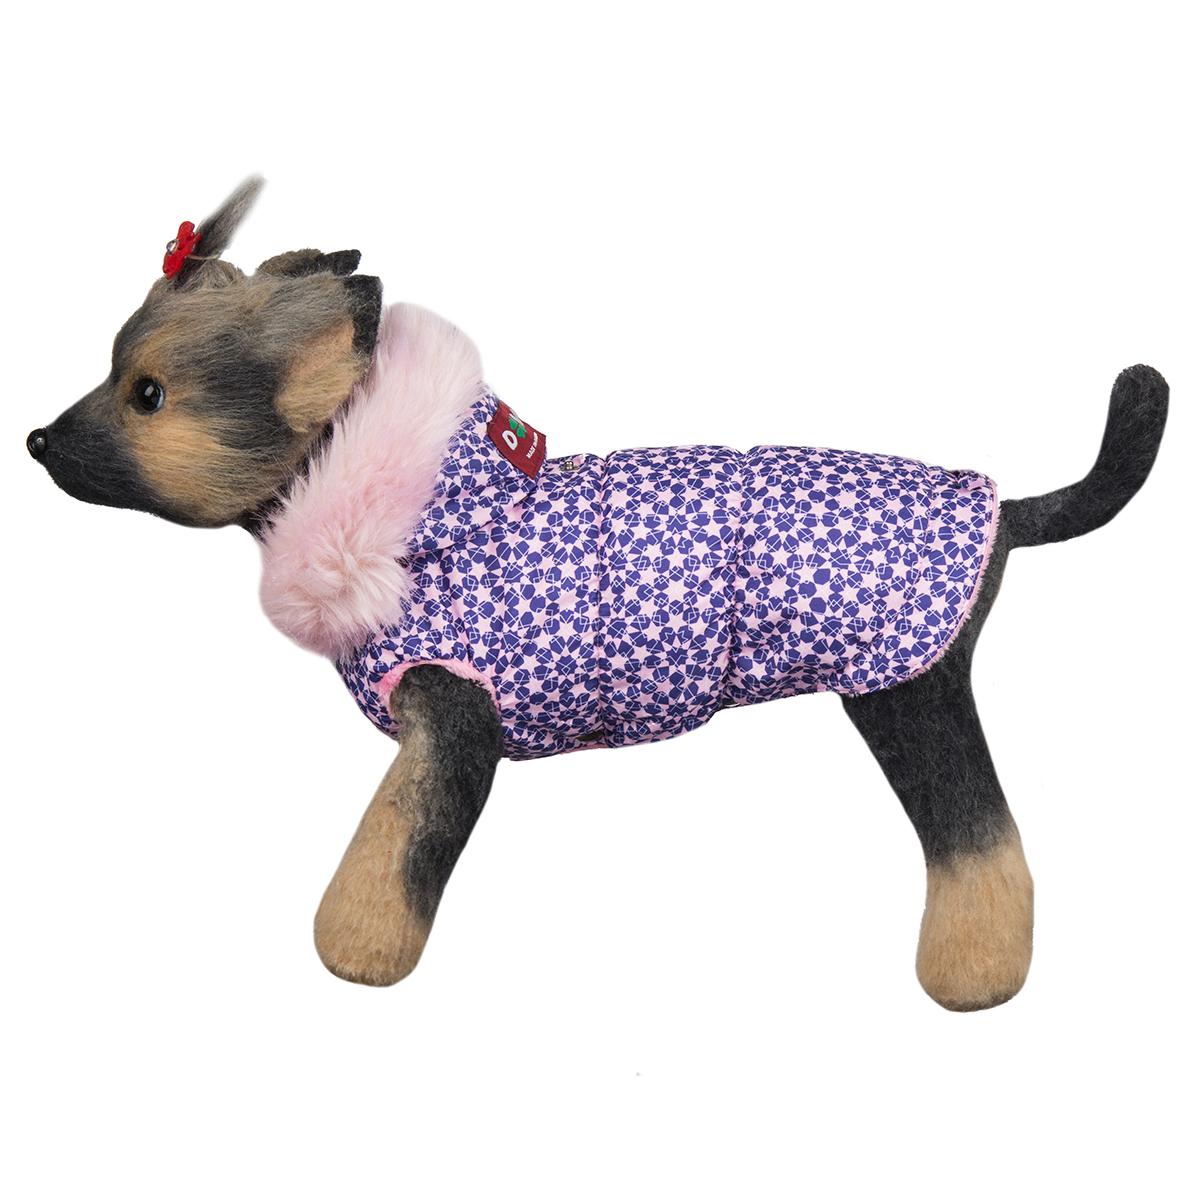 Куртка для собак Dogmoda Аляска, для девочки. Размер 5 (ХXL)DM-160290-5Куртка для собак Dogmoda Аляска изготовлена из полиэстера водоотталкивающего типа. Для подкладки был использован синтепон и искусственный мех. Изделие легко одевается и снимается, не доставляя неприятных минут хозяину и его питомцу. Технология пошива аляски не стесняет движений и позволяет весело бегать наперегонки с четвероногими друзьями. Непрерывный теплообмен обеспечивает сохранение свежести кожного покрова, который у маленьких собачек особенно чувствителен и уязвим. Светлые, мягкие и яркие тона аляски будут гармонировать с веселостью и подвижностью домашнего любимца на прогулке. Одежда надежно защитит собачку от пронизывающей зимней стужи и позволит от души наслаждаться свежим снегом и длительным пребыванием на прогулке в морозный день.